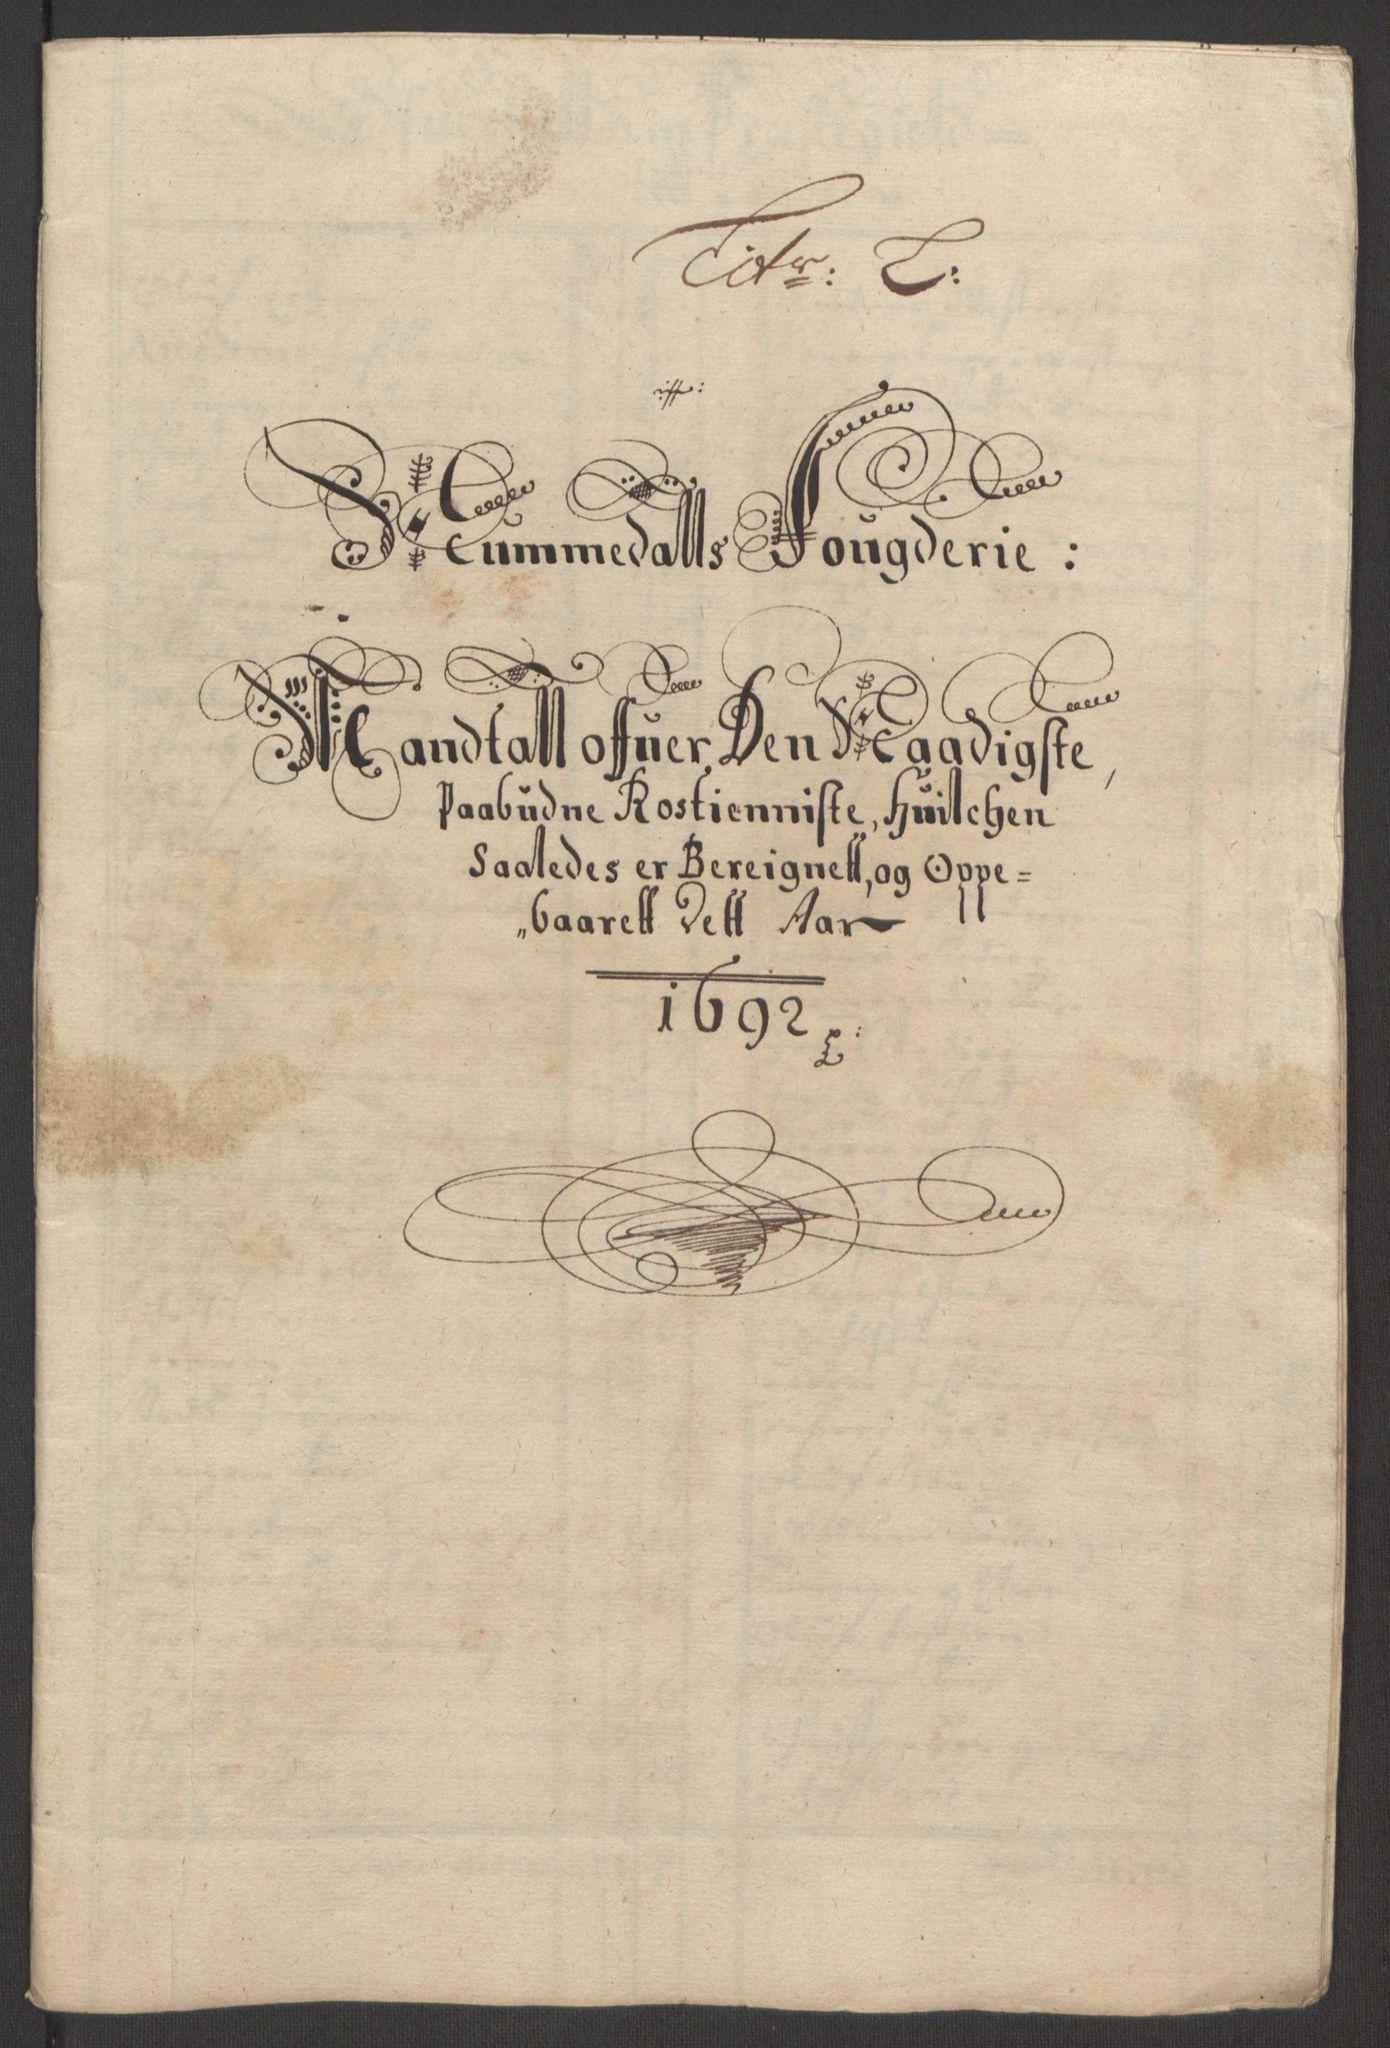 RA, Rentekammeret inntil 1814, Reviderte regnskaper, Fogderegnskap, R64/L4424: Fogderegnskap Namdal, 1692-1695, s. 74